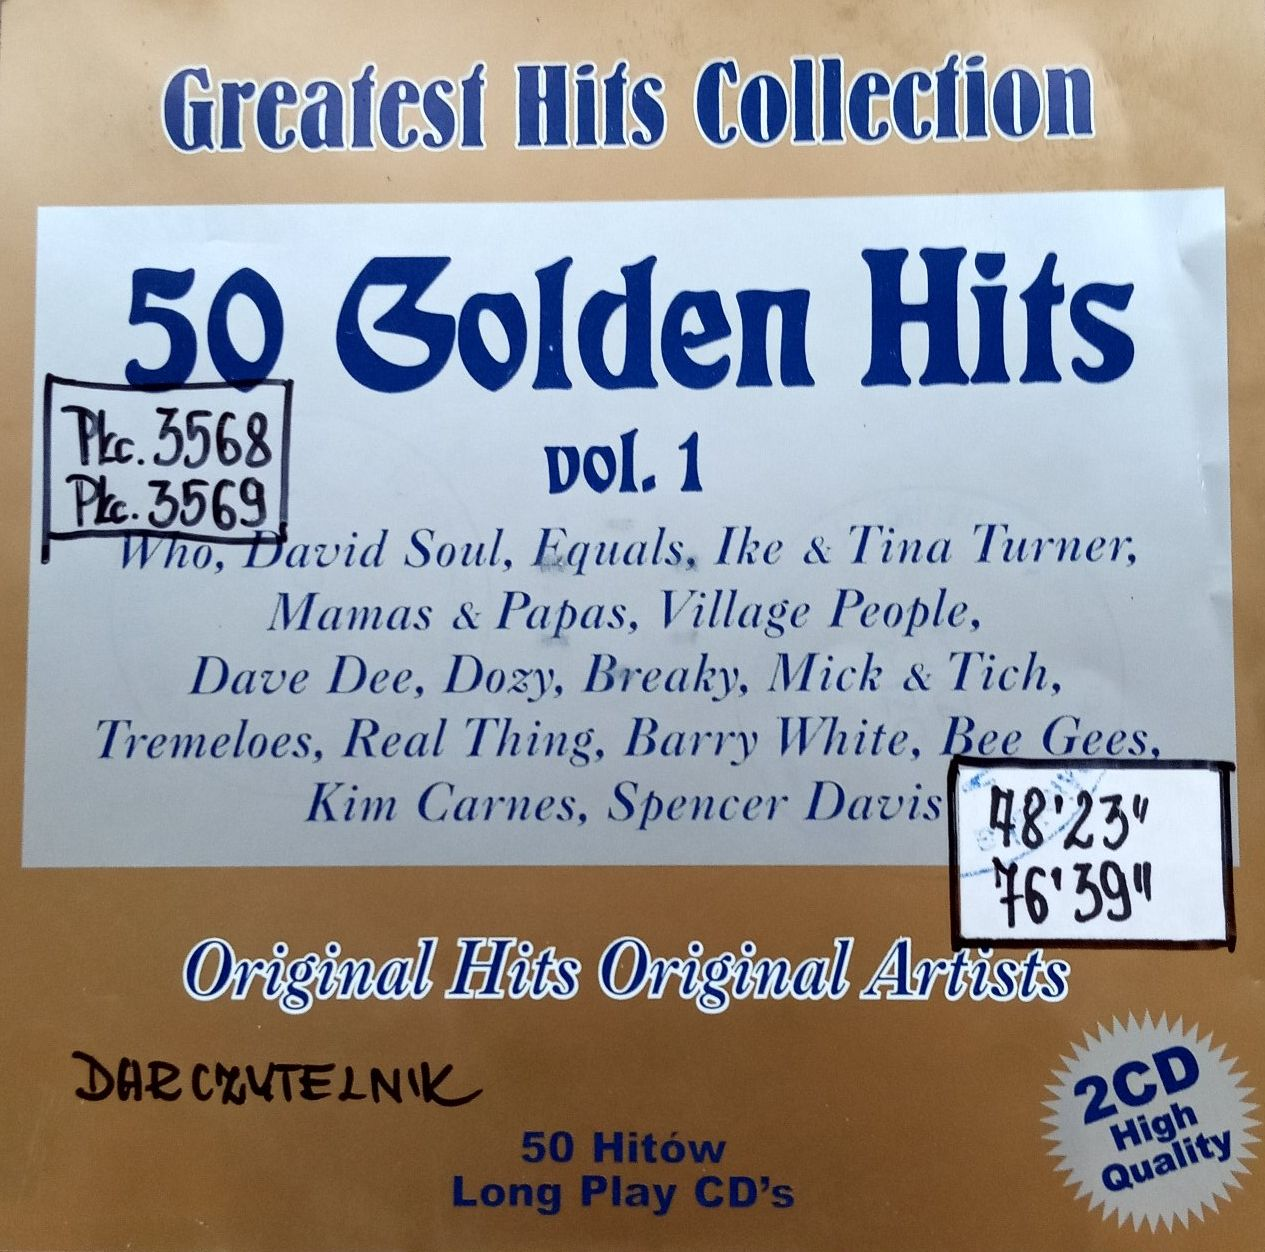 50 Golden Hits Vol. 1